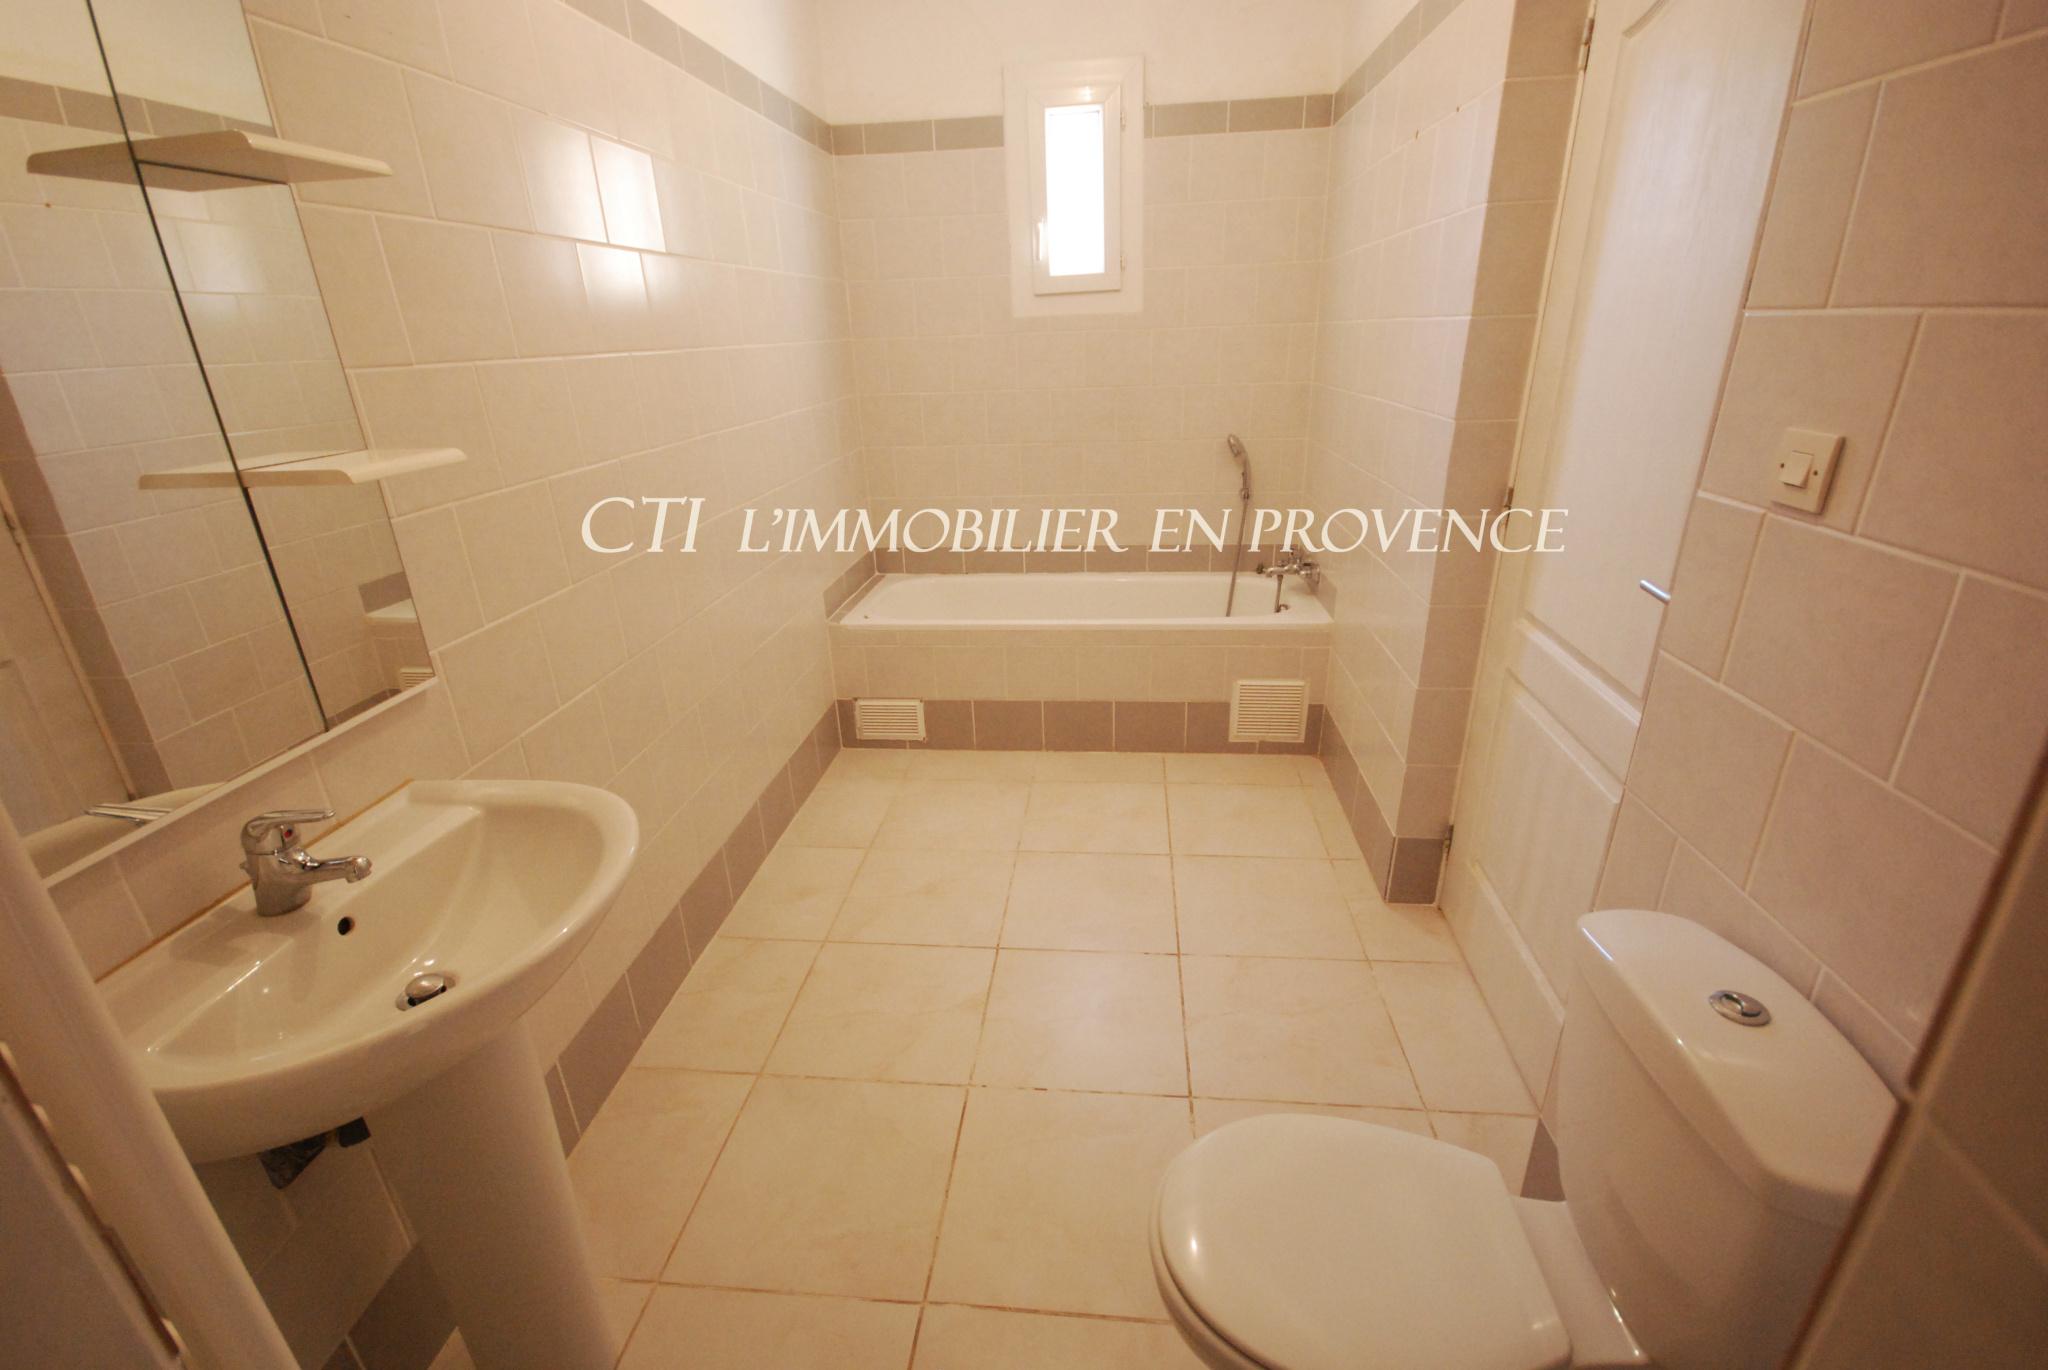 0 www.cti-provence.net, villa de plain pied (3 chambes) jardin clos à10 mn de Vaison la Romaine